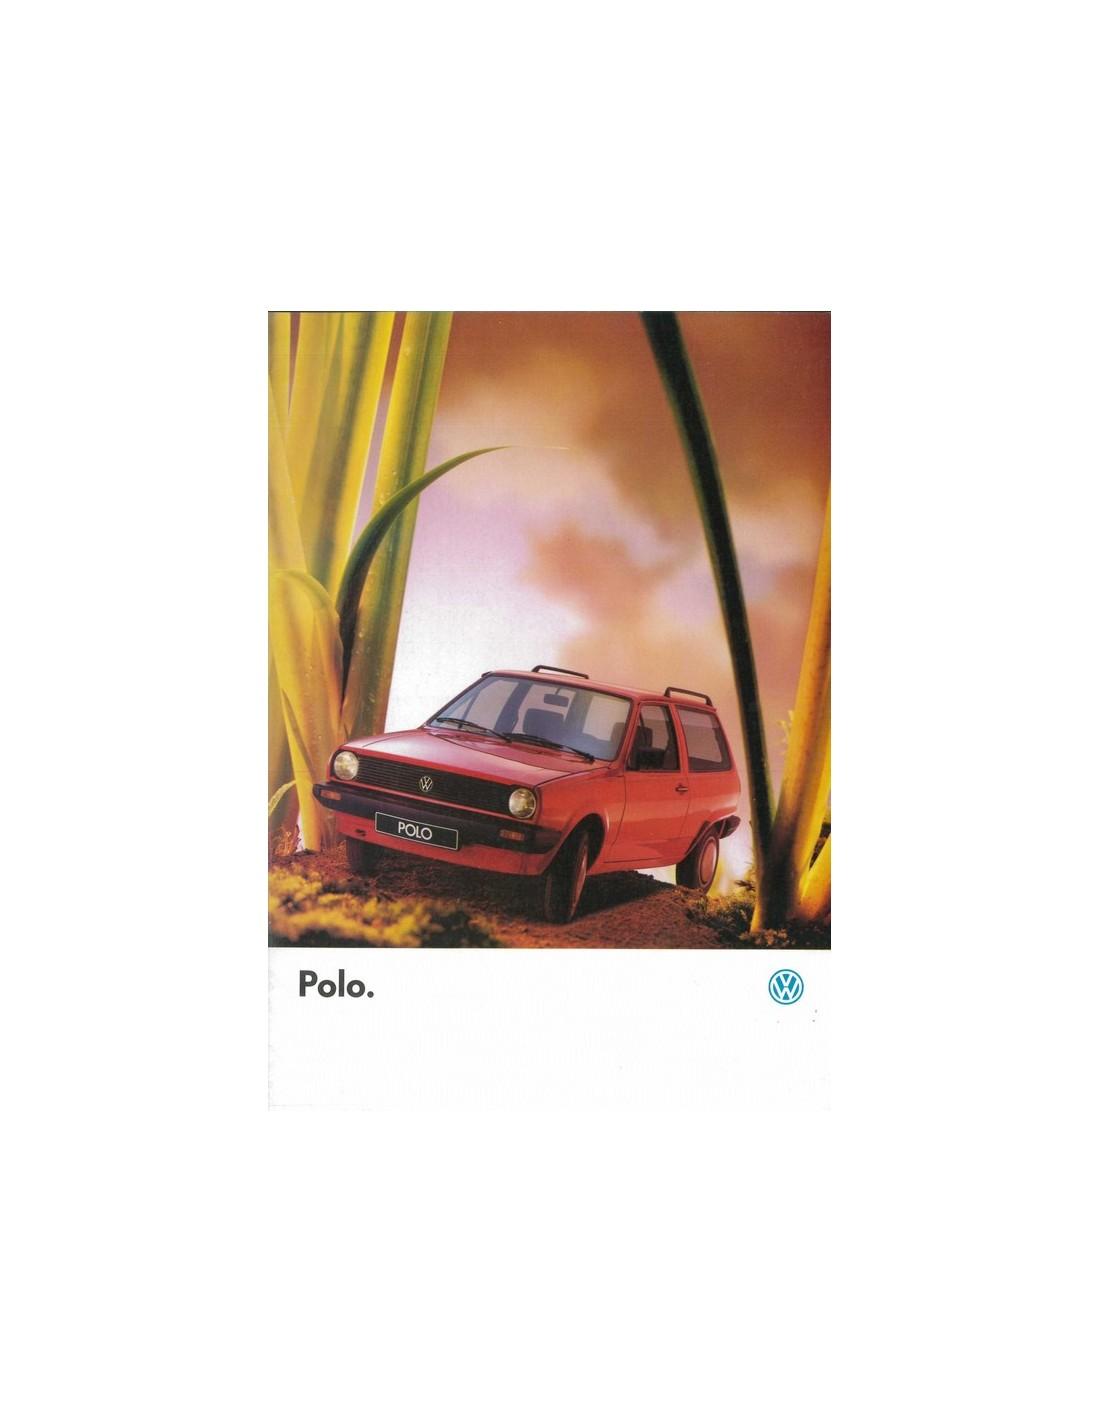 1988 Volkswagen Polo Brochure Frans